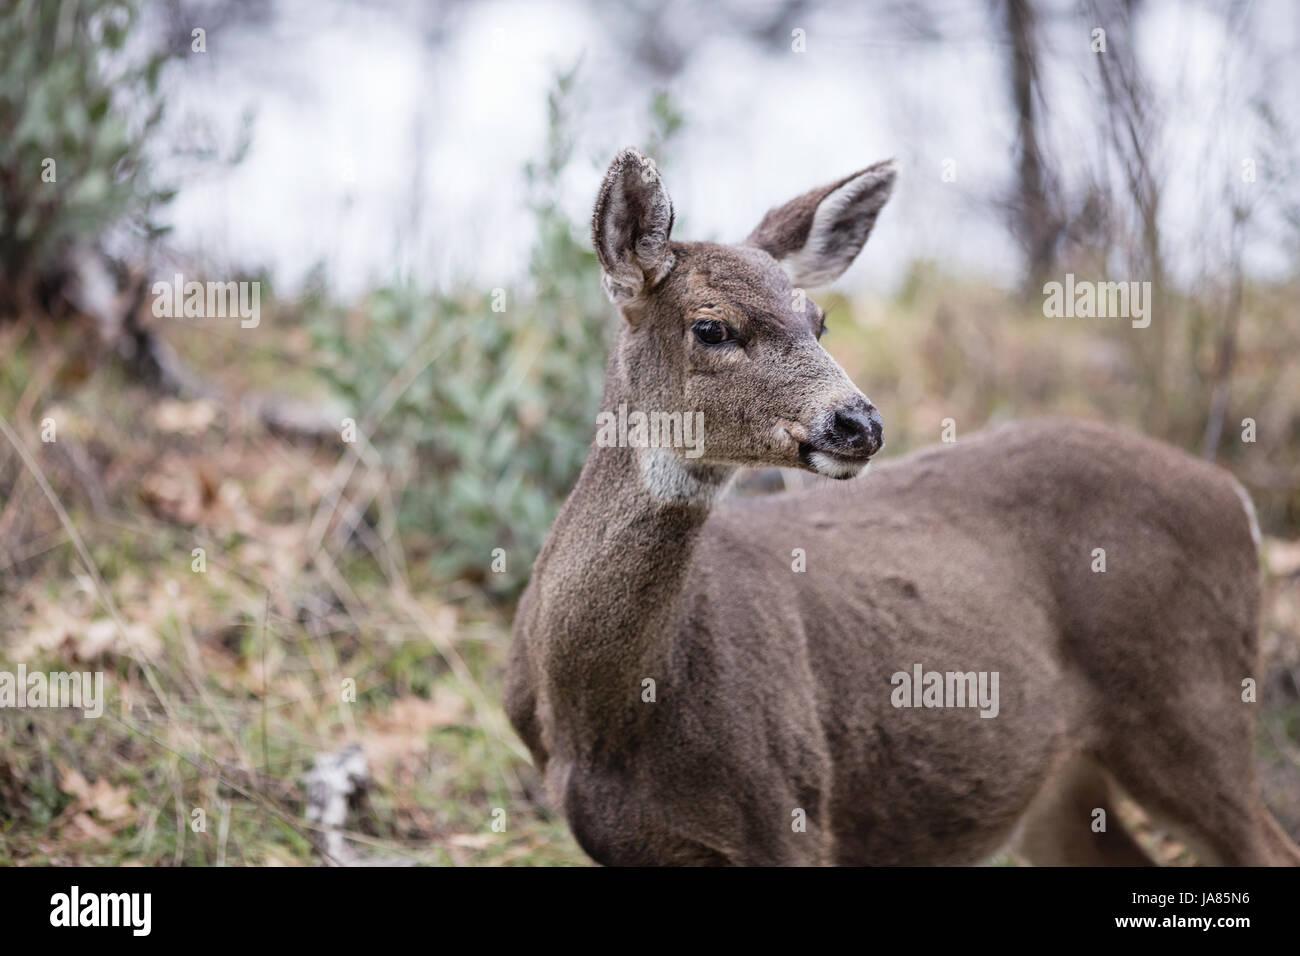 Porträt eines weiblichen Hirsches in der wilden Blick in die Kamera. Stockbild